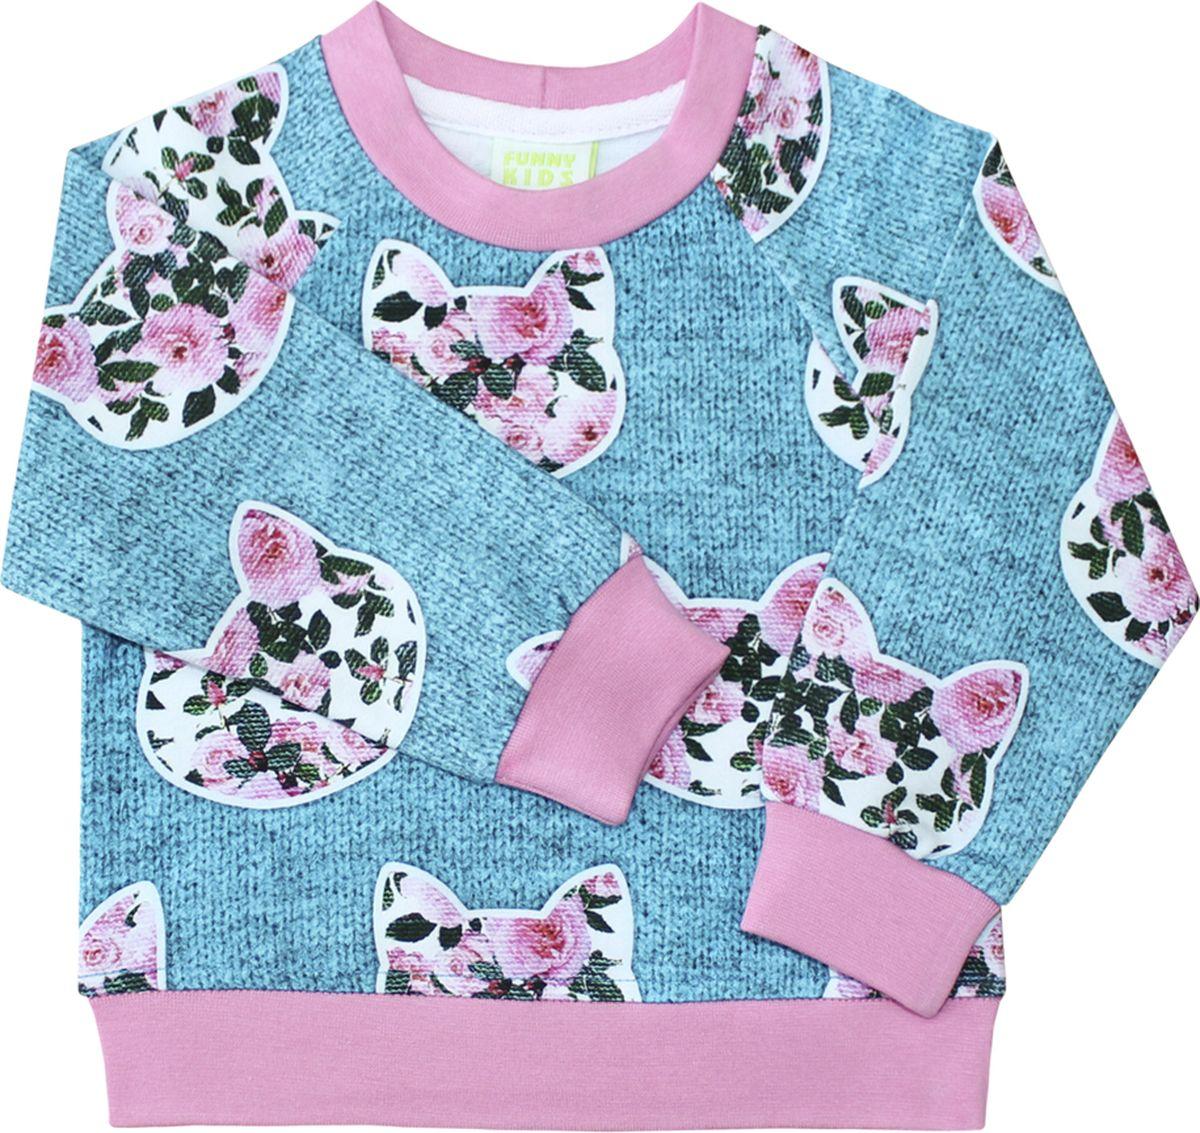 Свитшот для девочки Веселый малыш, цвет: розовый, голубой. 161/142/дев-H (1)_цветокошки. Размер 98161/142_цветокошкиУютный свитшот Веселый малыш послужит идеальным дополнением к гардеробу ребенка, обеспечивая ему наибольший комфорт. Свитшот с рукавами-реглан изготовлен из футера, благодаря чему он необычайно теплый и мягкий, не раздражает нежную кожу ребенка и хорошо вентилируется, а эластичные швы приятны телу ребенка и не препятствуют его движениям. Воротник, манжеты рукавов и низ изделия дополнены мягкой трикотажной резинкой.